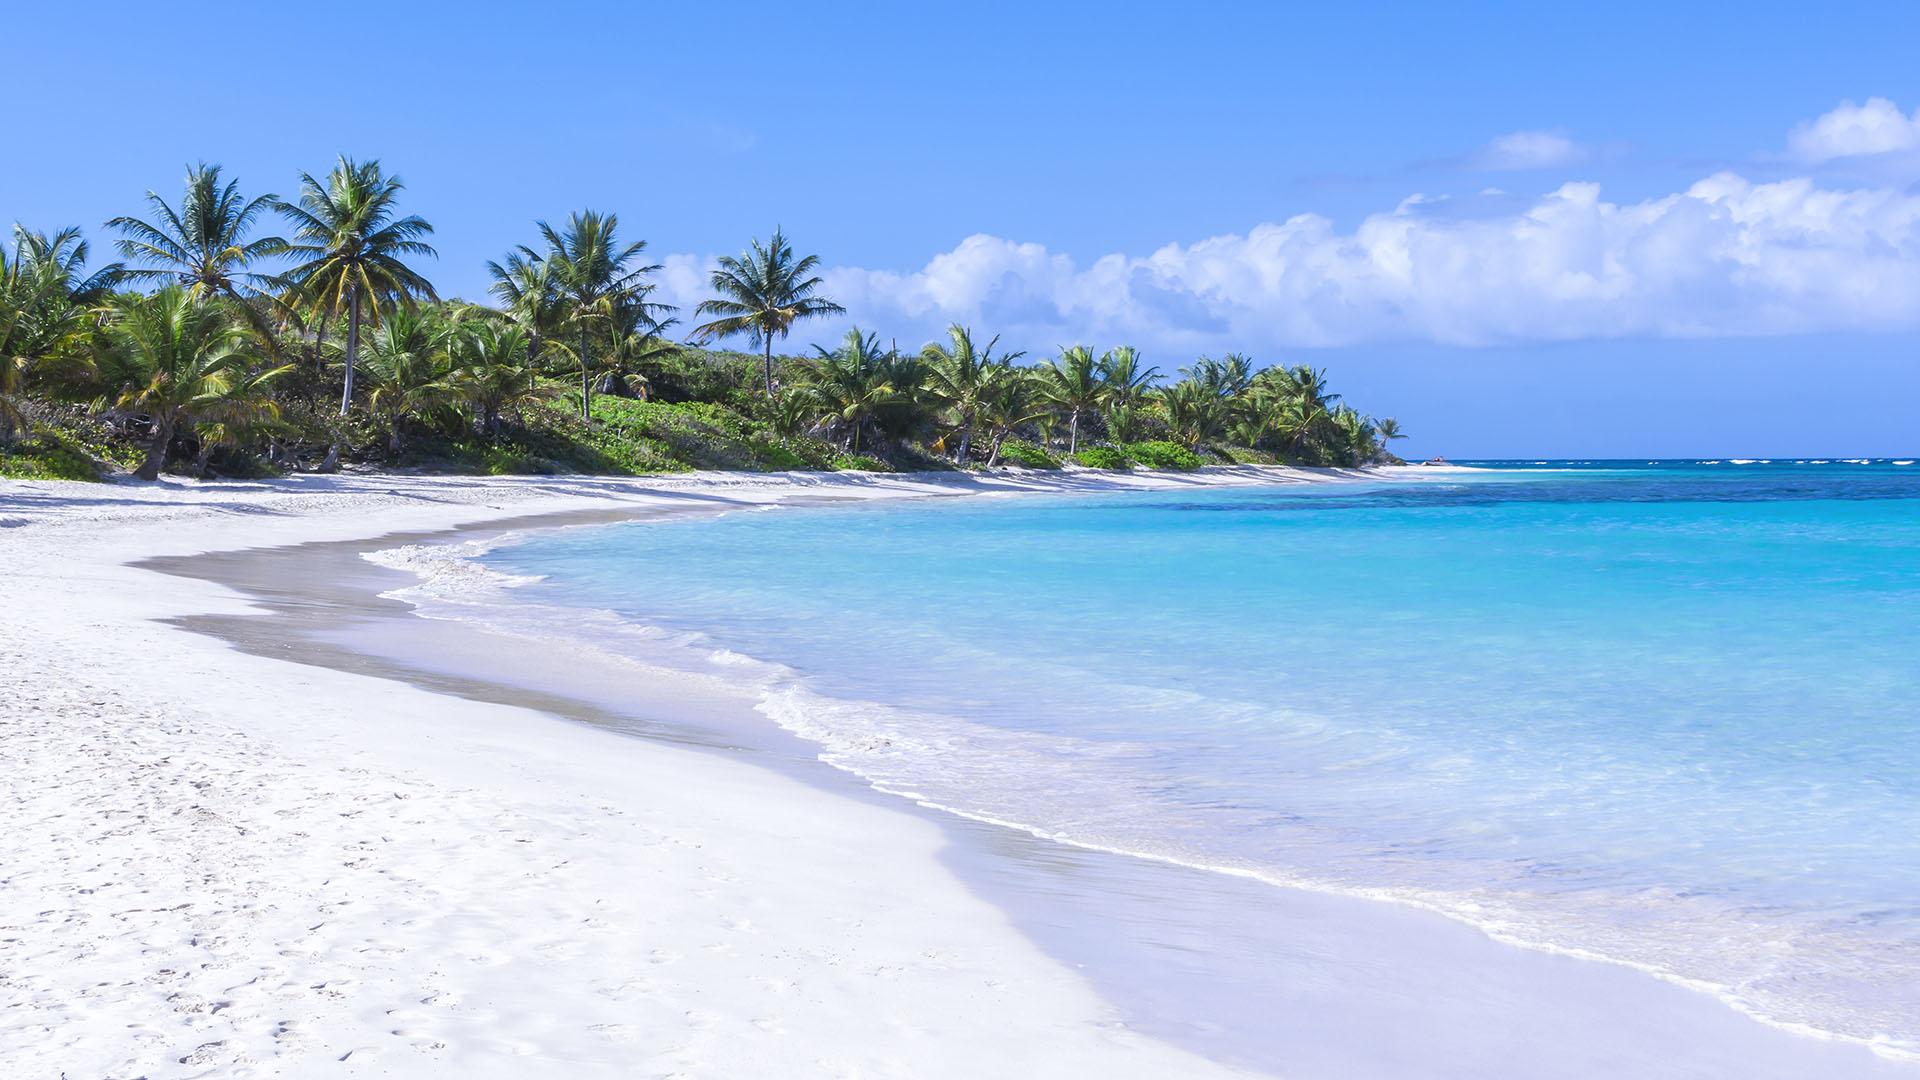 Playas_0012_Playa-Flamenco_-Puerto-Rico